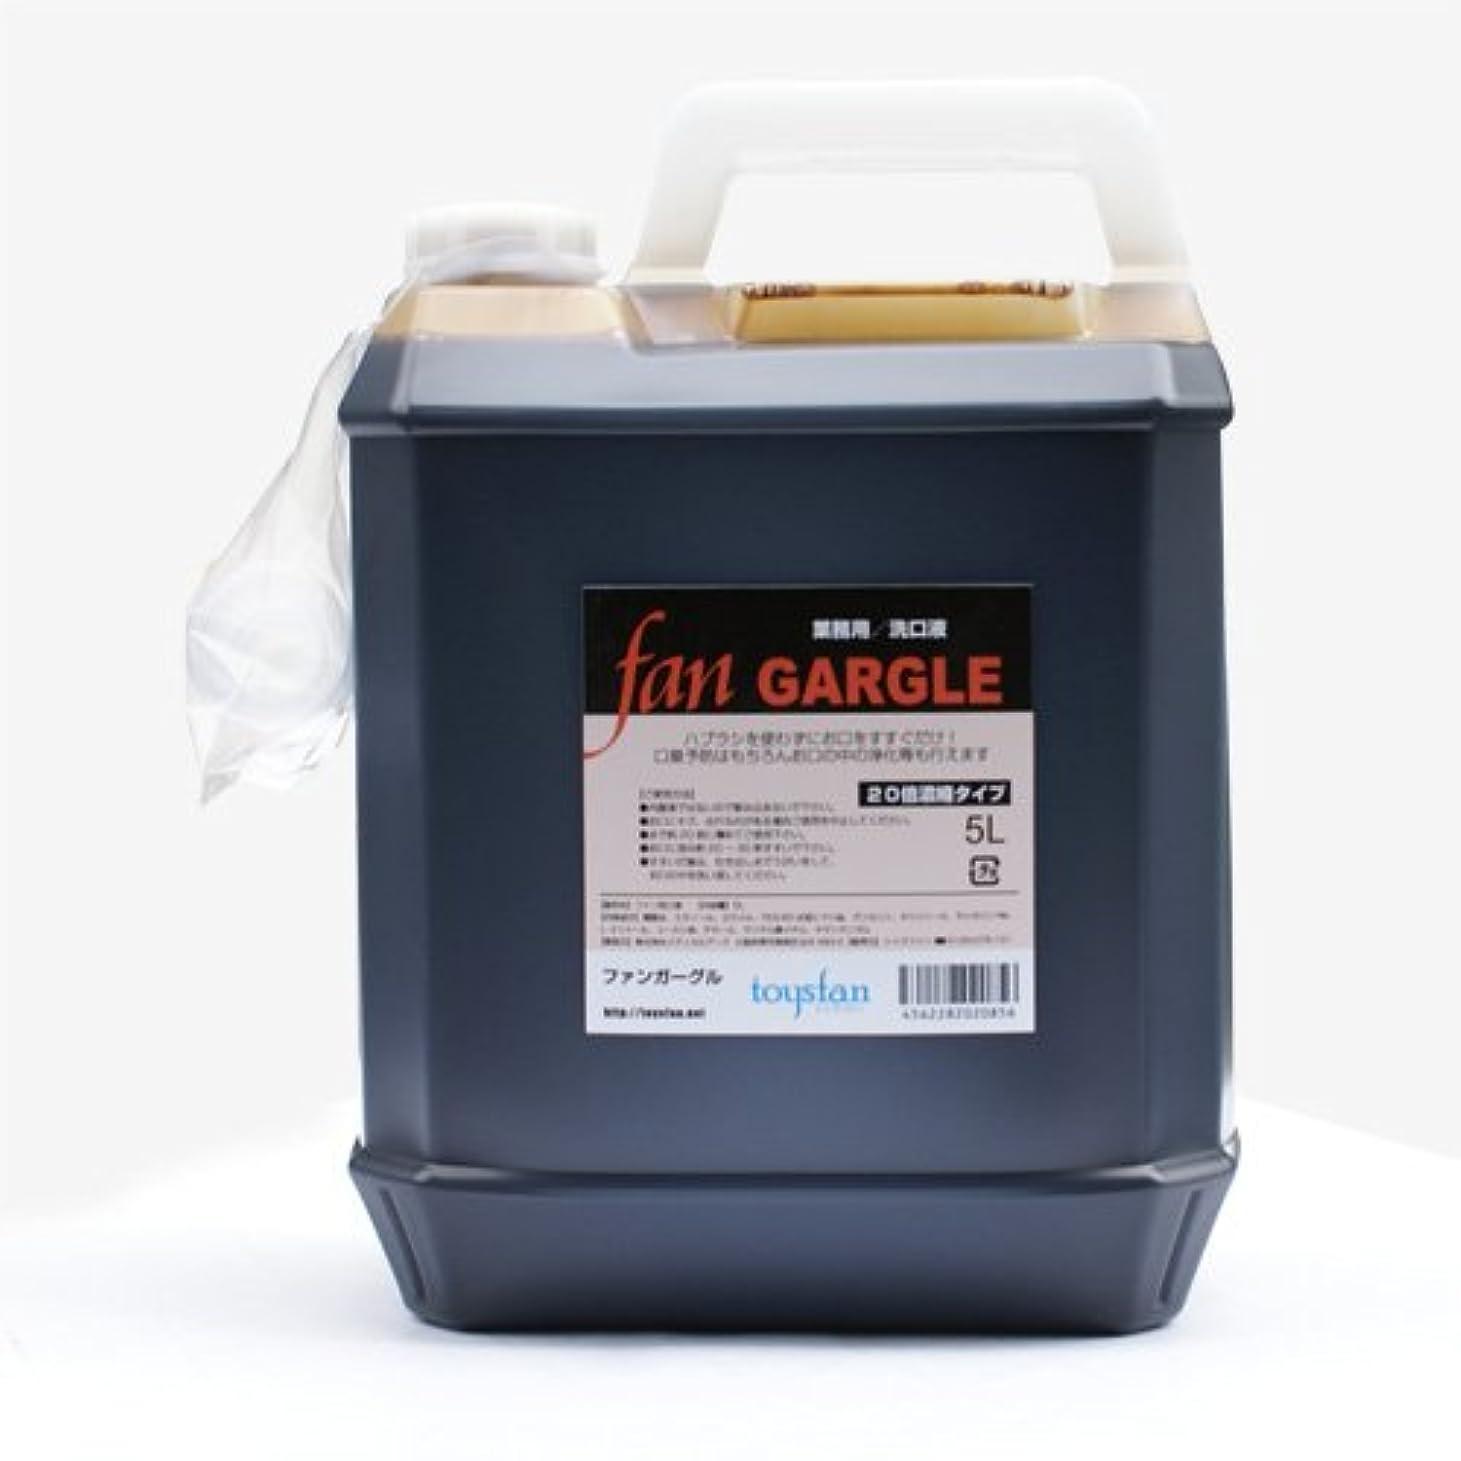 反響する贈り物に関してファンガーグル 5L(20倍濃縮)業務用洗口液